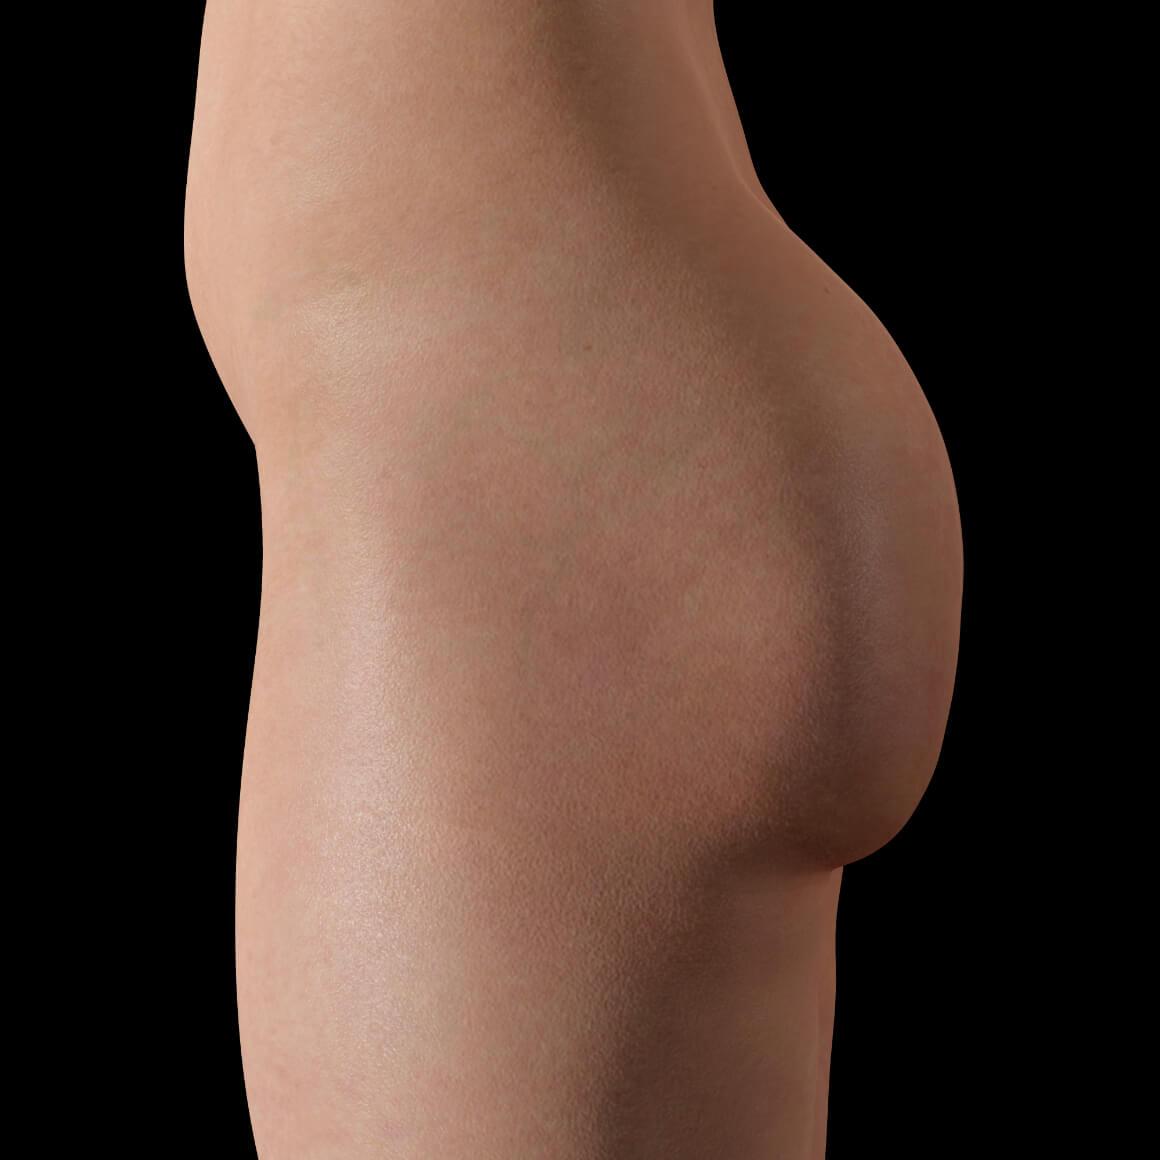 Une patiente de la Clinique Chloé positionnée de côté après des injections de Sculptra pour le traitement de la cellulite